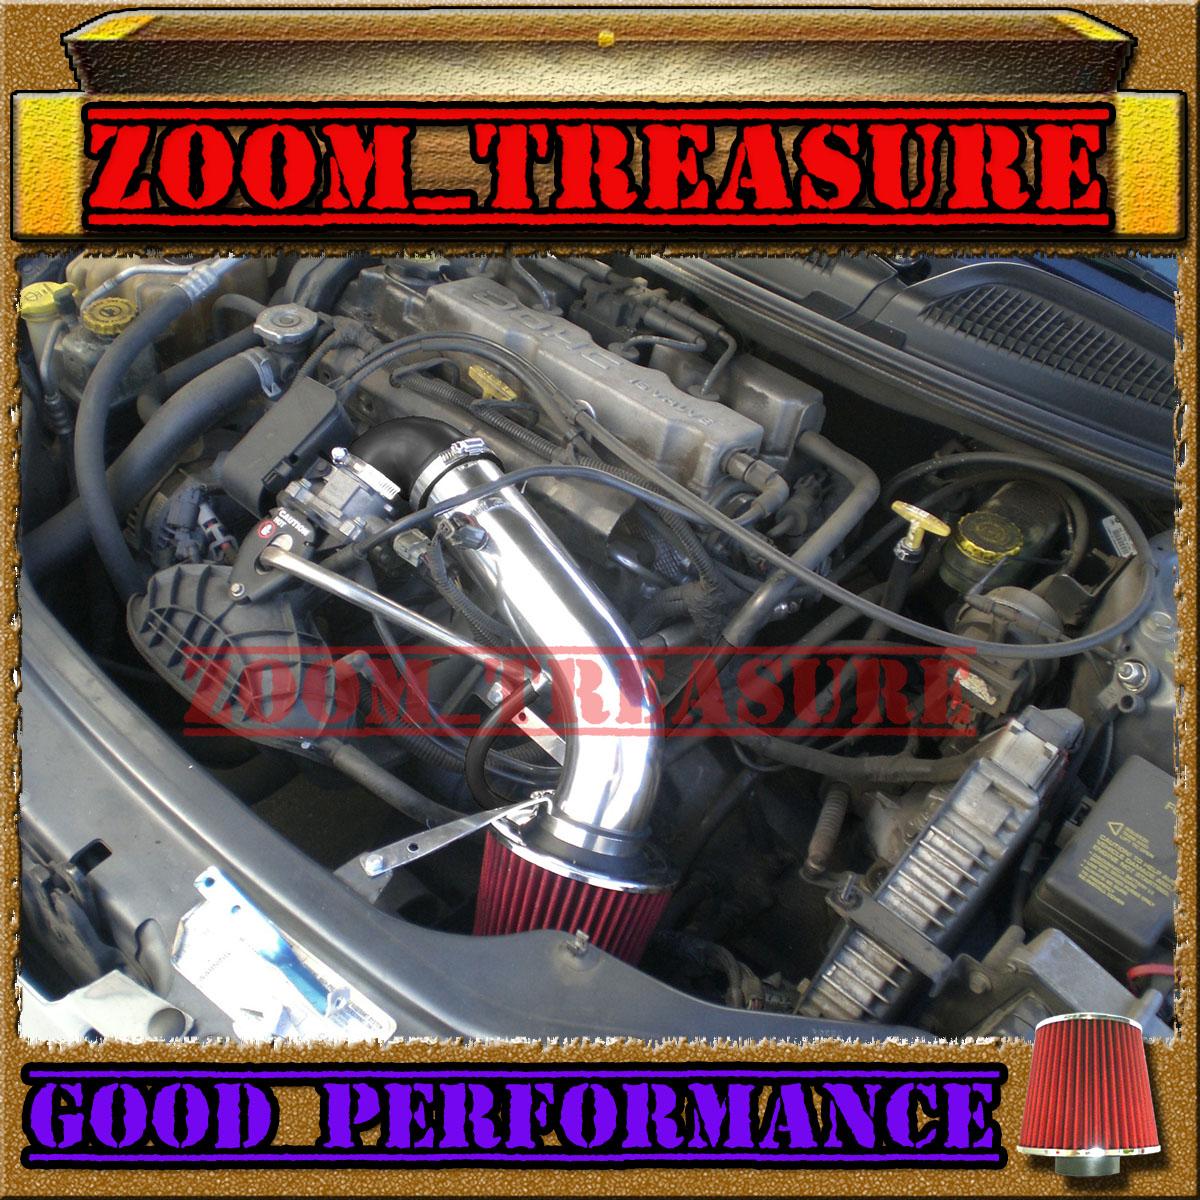 Cf Black Red 01 05 Chrysler Sebring Dodge Stratus 2 4l I4 3 0l V6 Air Intake Kit